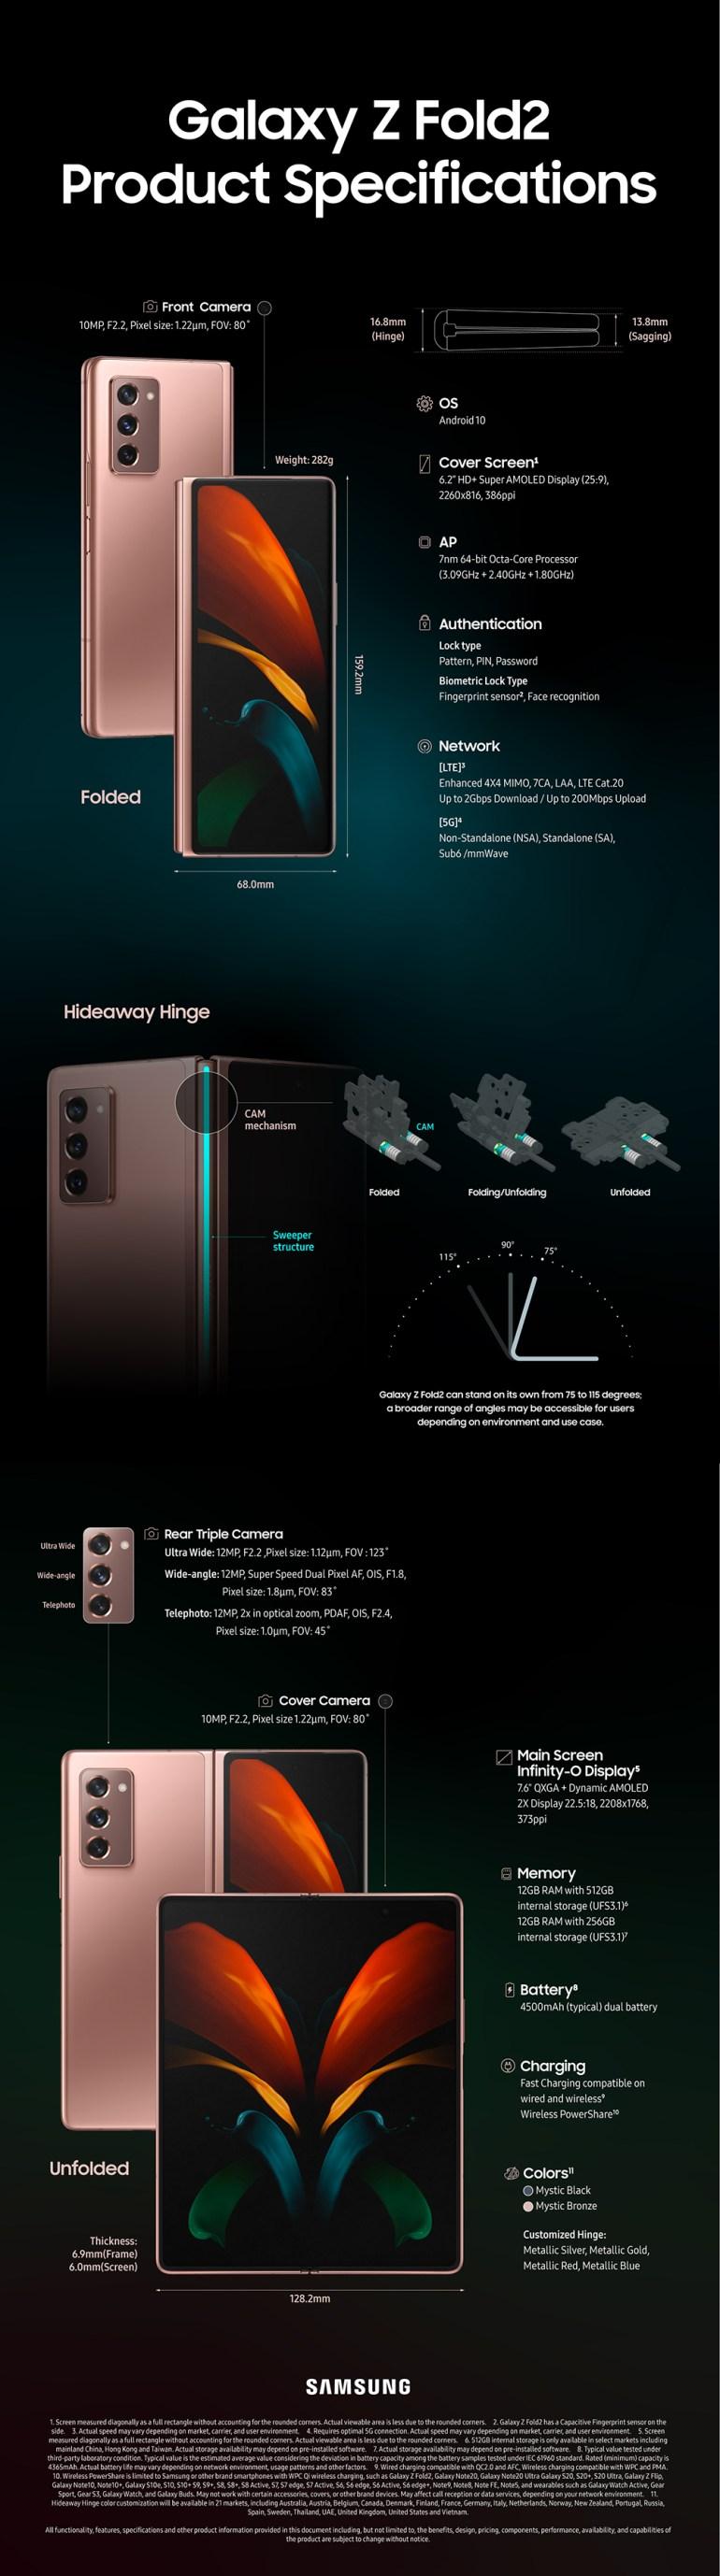 Названа цена гибкого смартфона Samsung Galaxy Z Fold2 для Украины — 59 999 грн